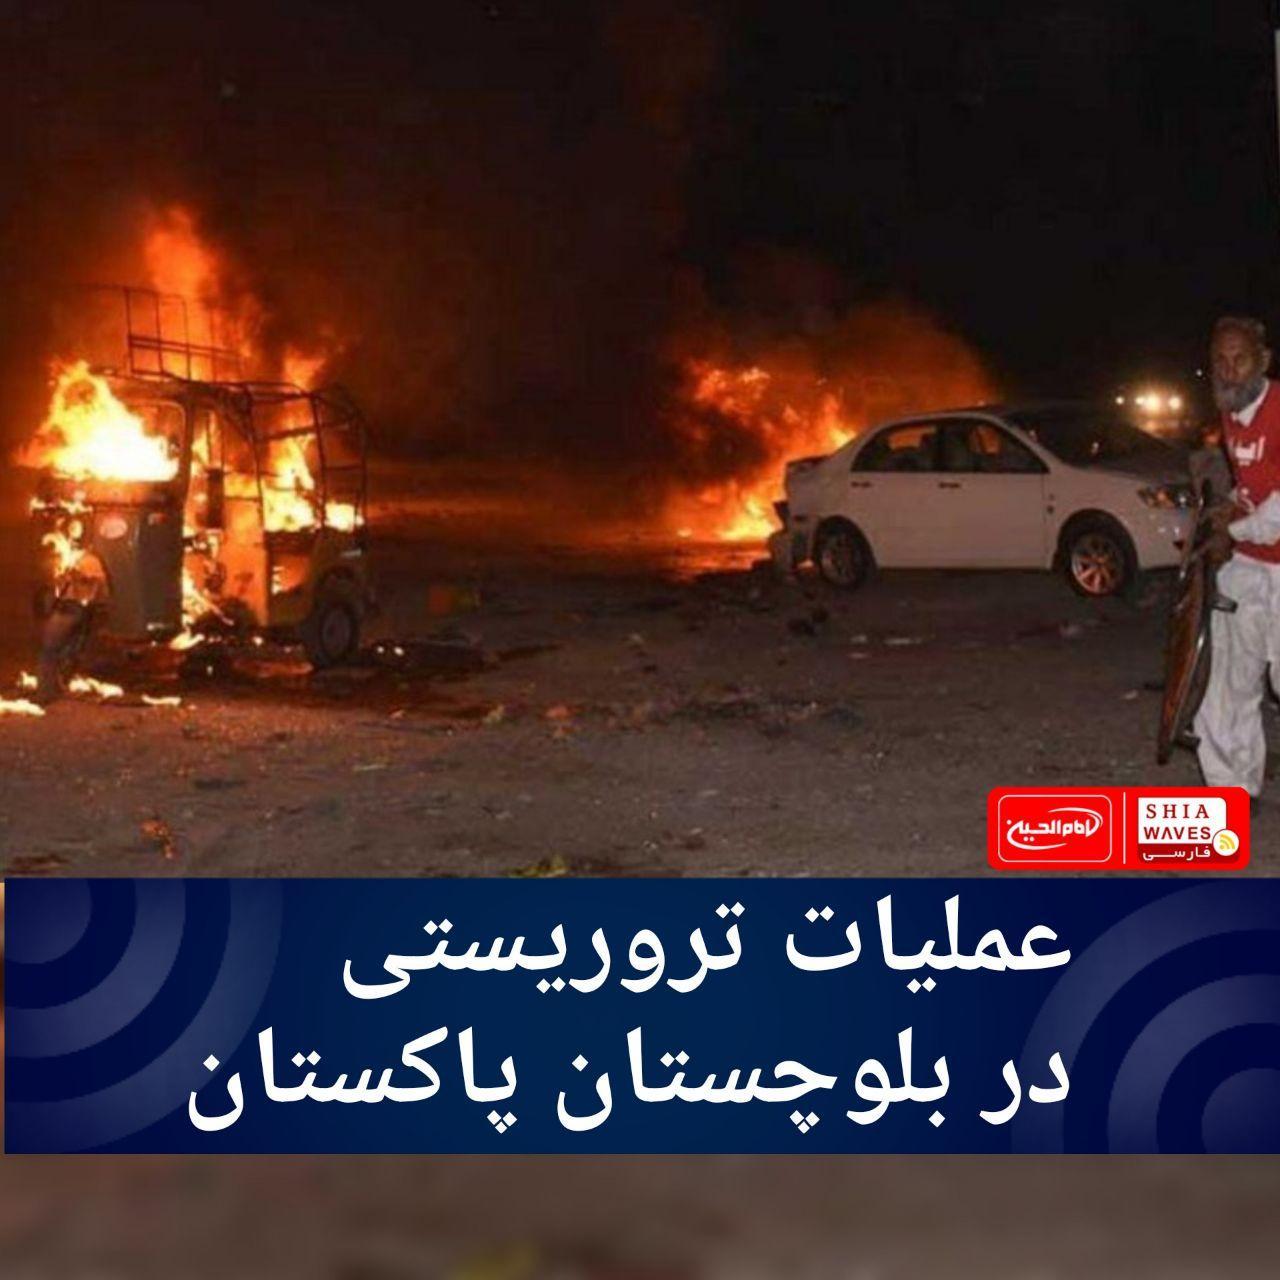 تصویر عملیات تروریستی در بلوچستان پاکستان